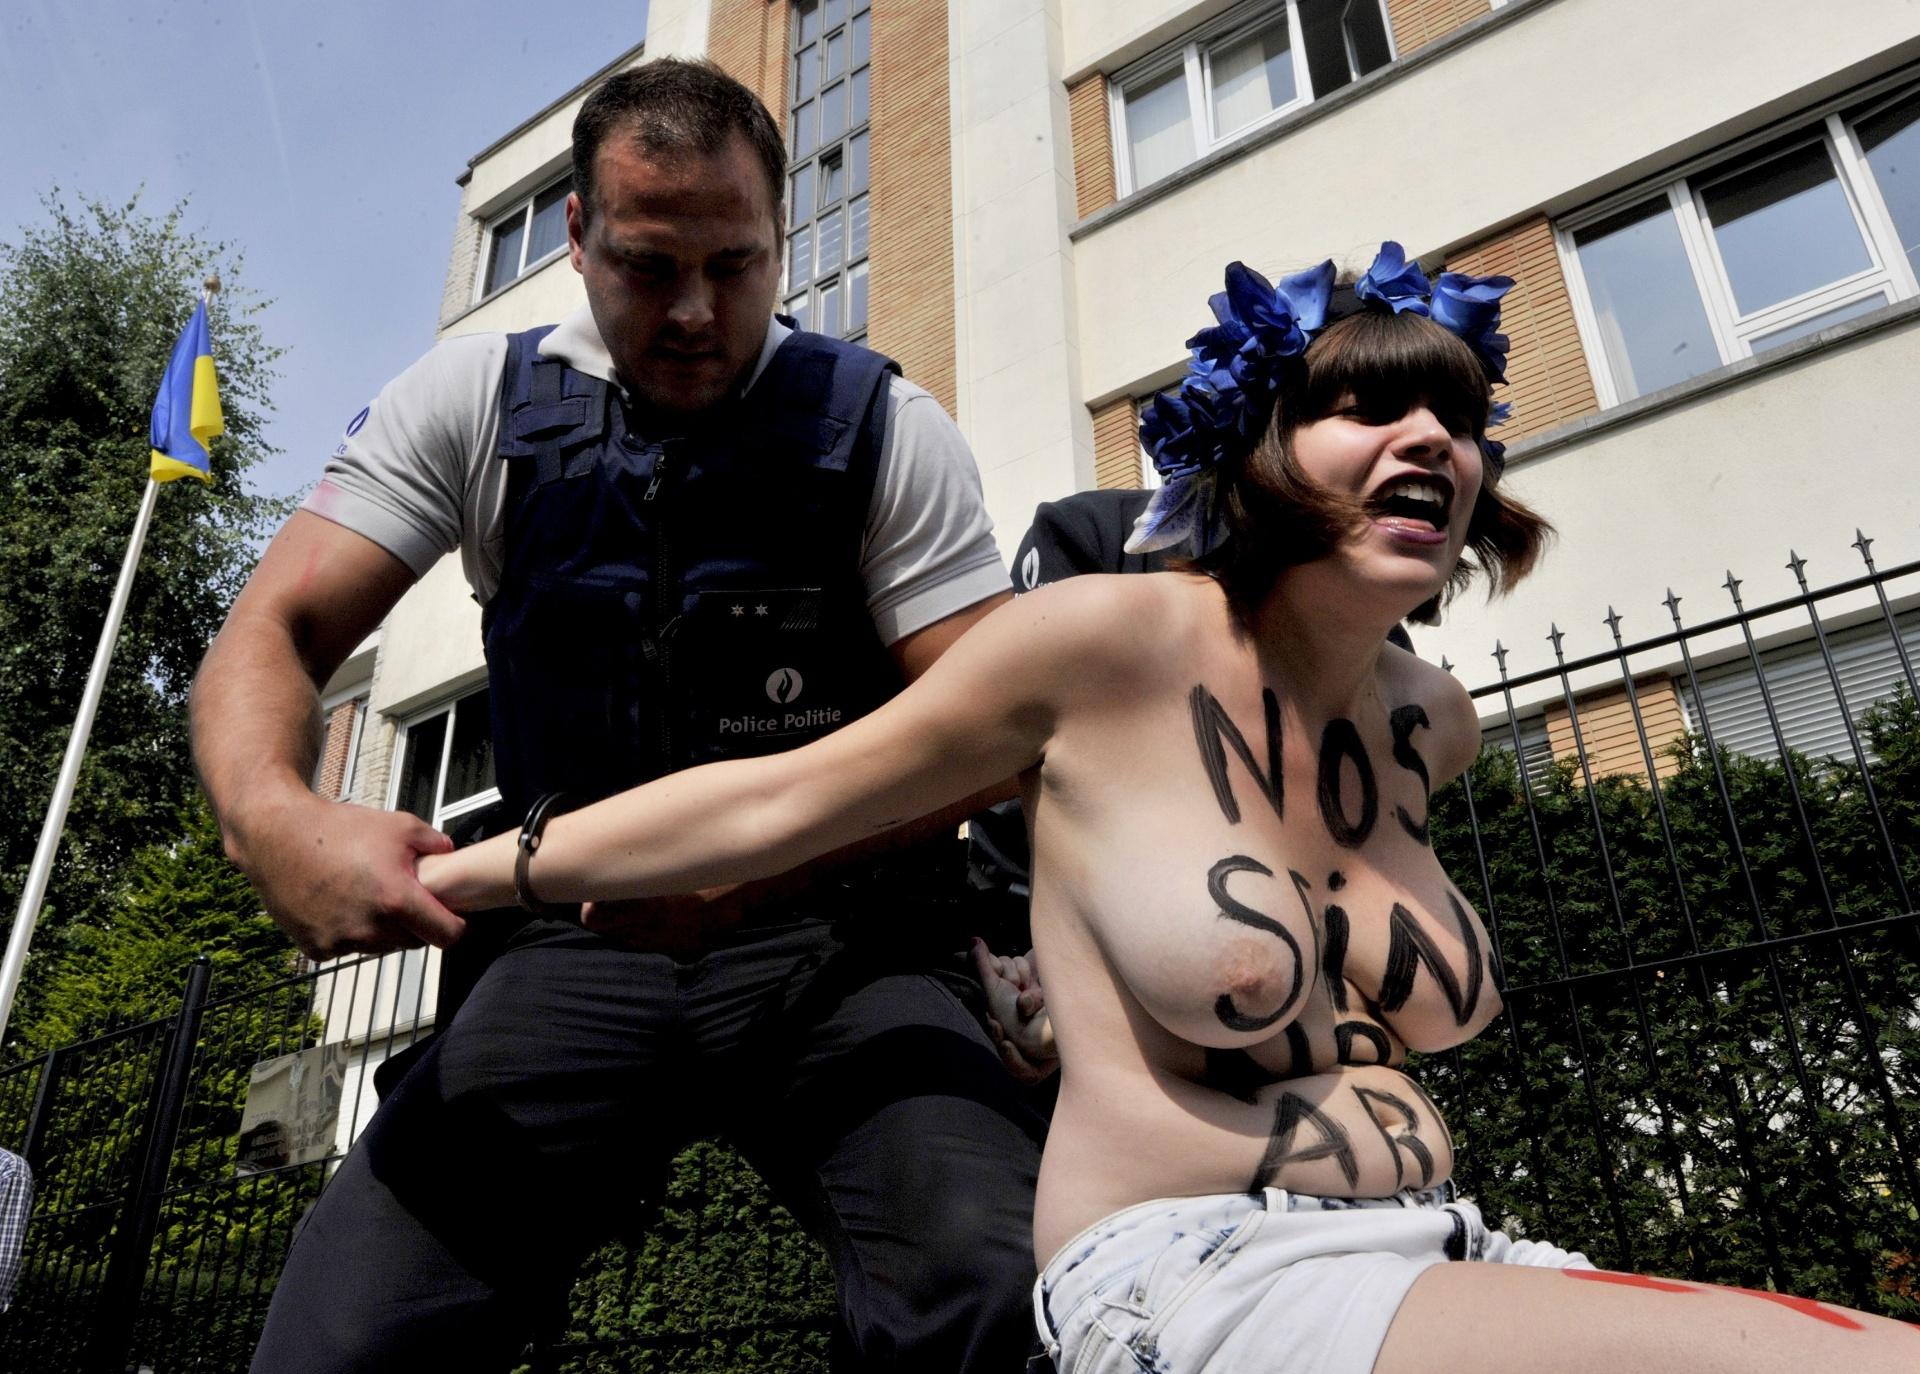 29.ago.2013 - Ativista do Femen é levada pela polícia durante protesto em frente à Embaixada da Ucrânia em Bruxelas, na Bélgica, contra a repressão política contra membros do grupo na Ucrânia. O grupo está enfrentando uma investigação criminal por posse de armas ilegais após a polícia revistar seus escritórios no centro de Kiev na terça-feira (27)